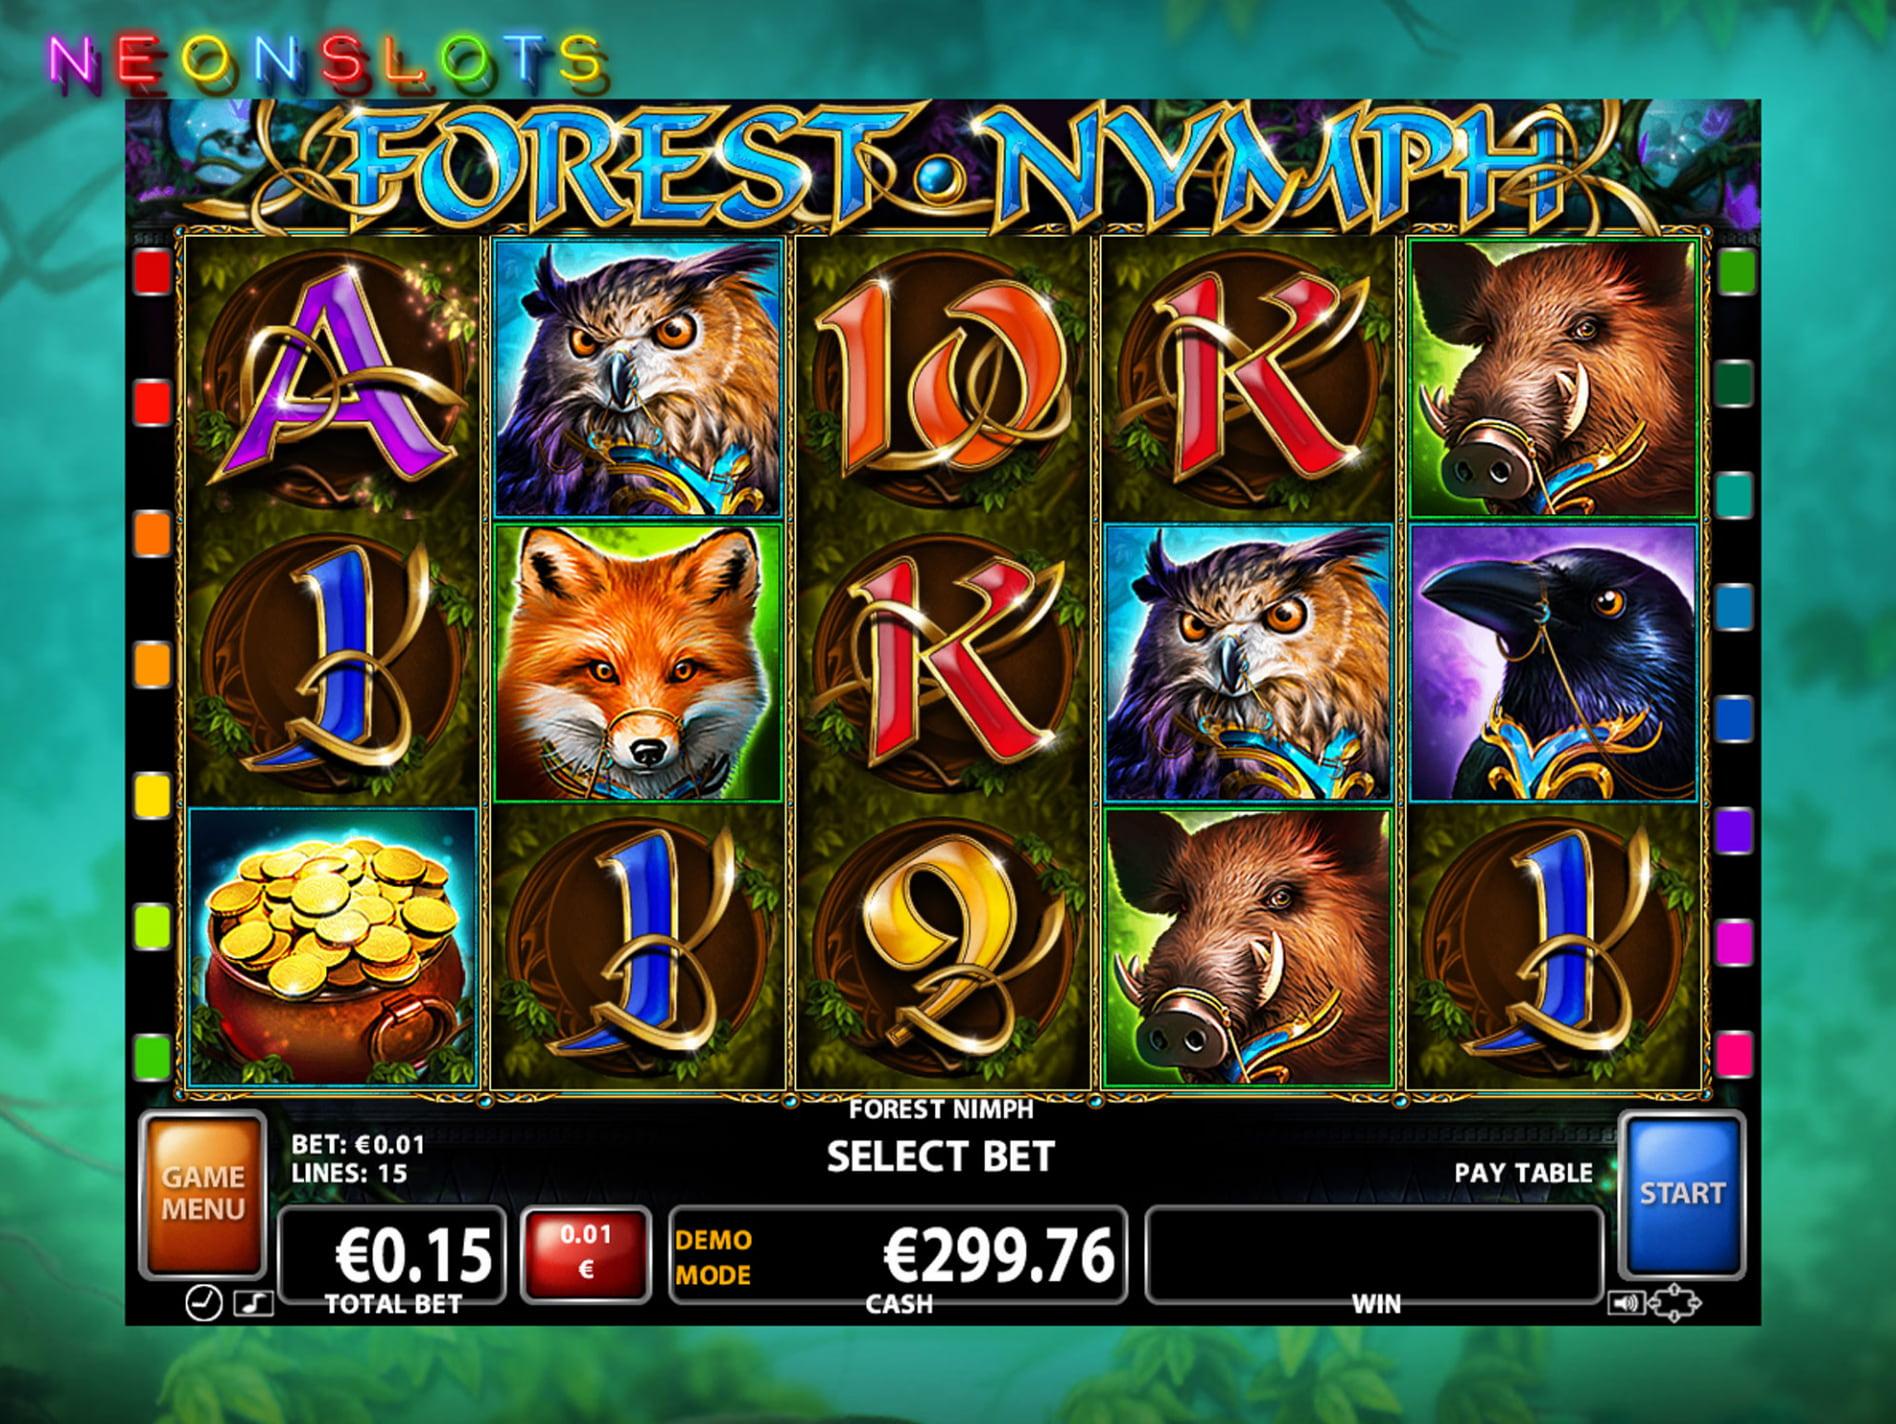 Juegos de tragamonedas clasicos gratis giros casino España 631658